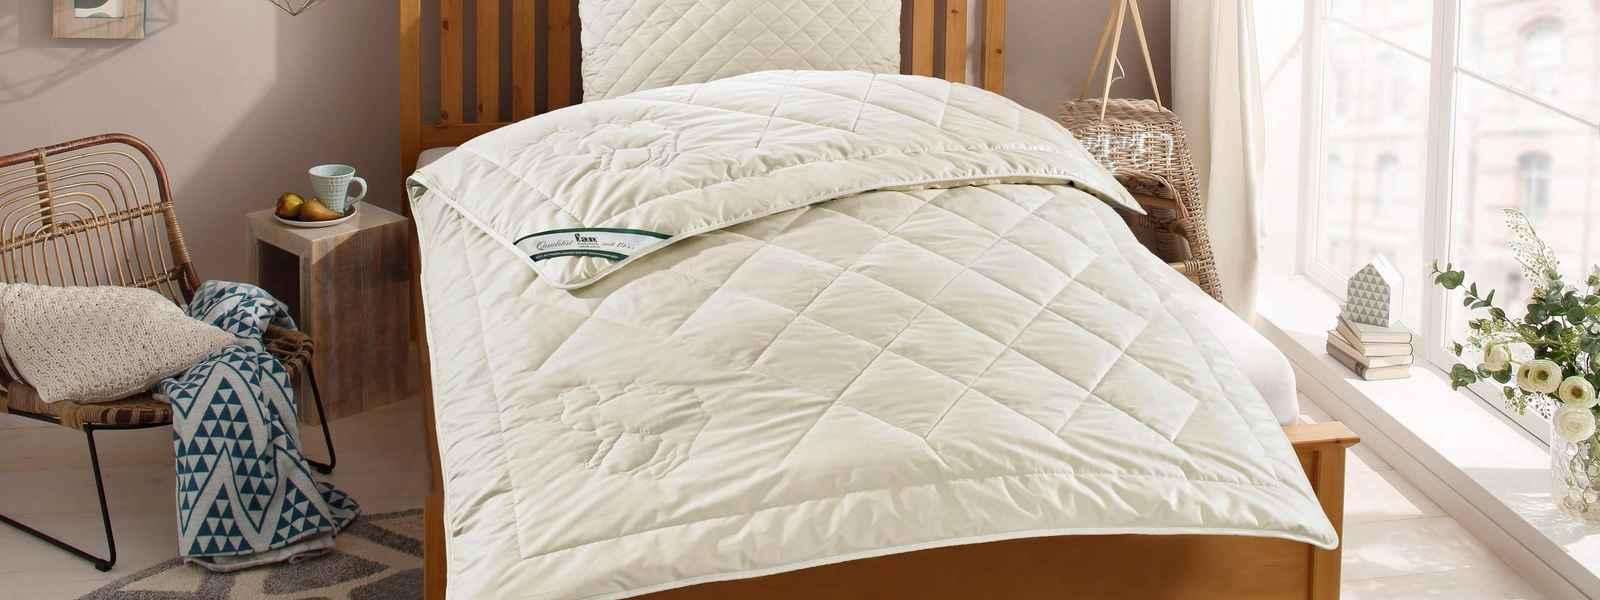 Lagerräumung Bettdecken